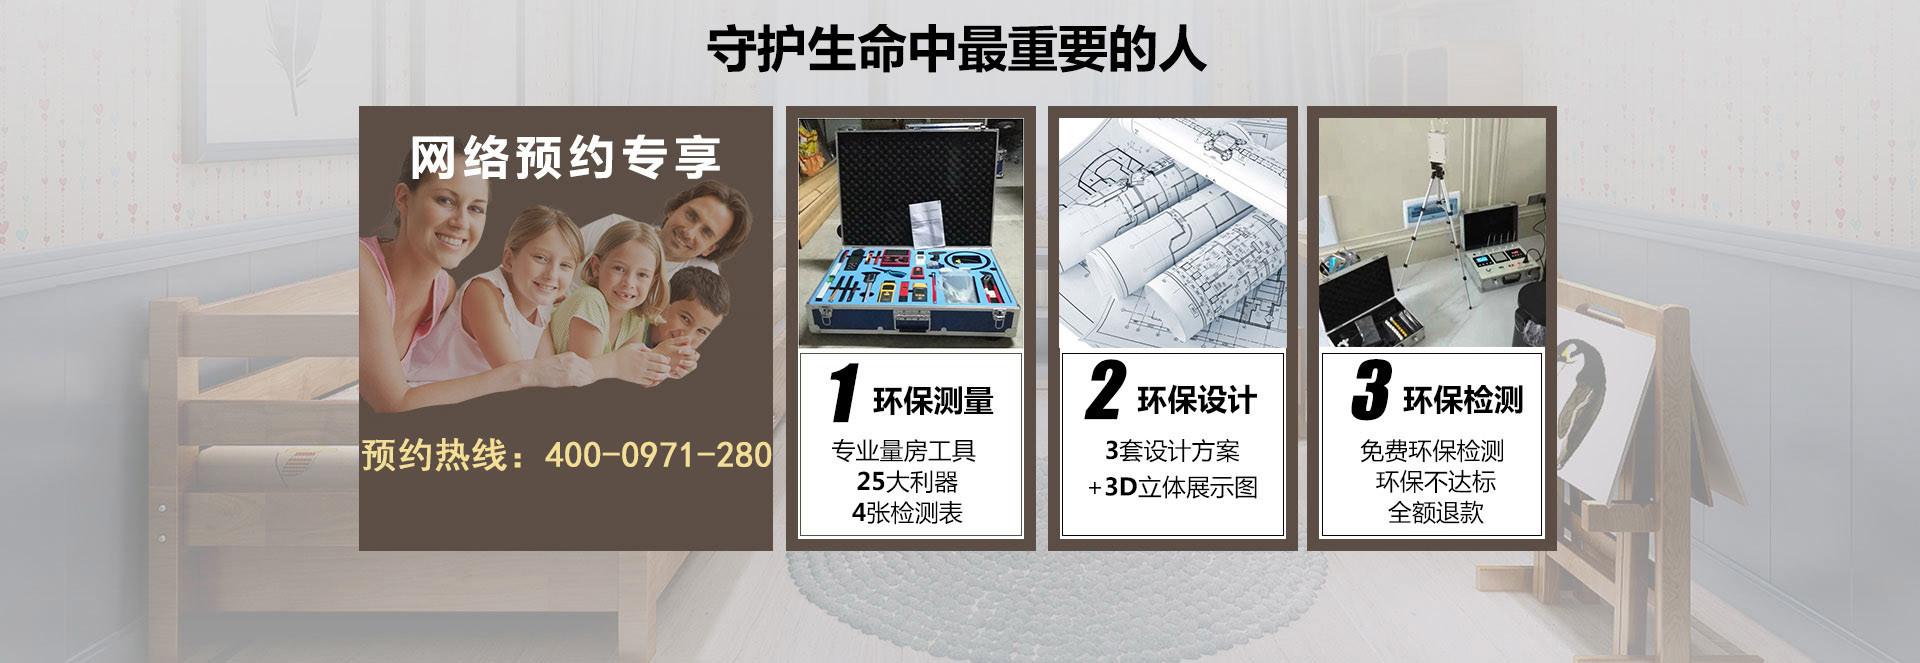 西宁业之峰装饰环保装修